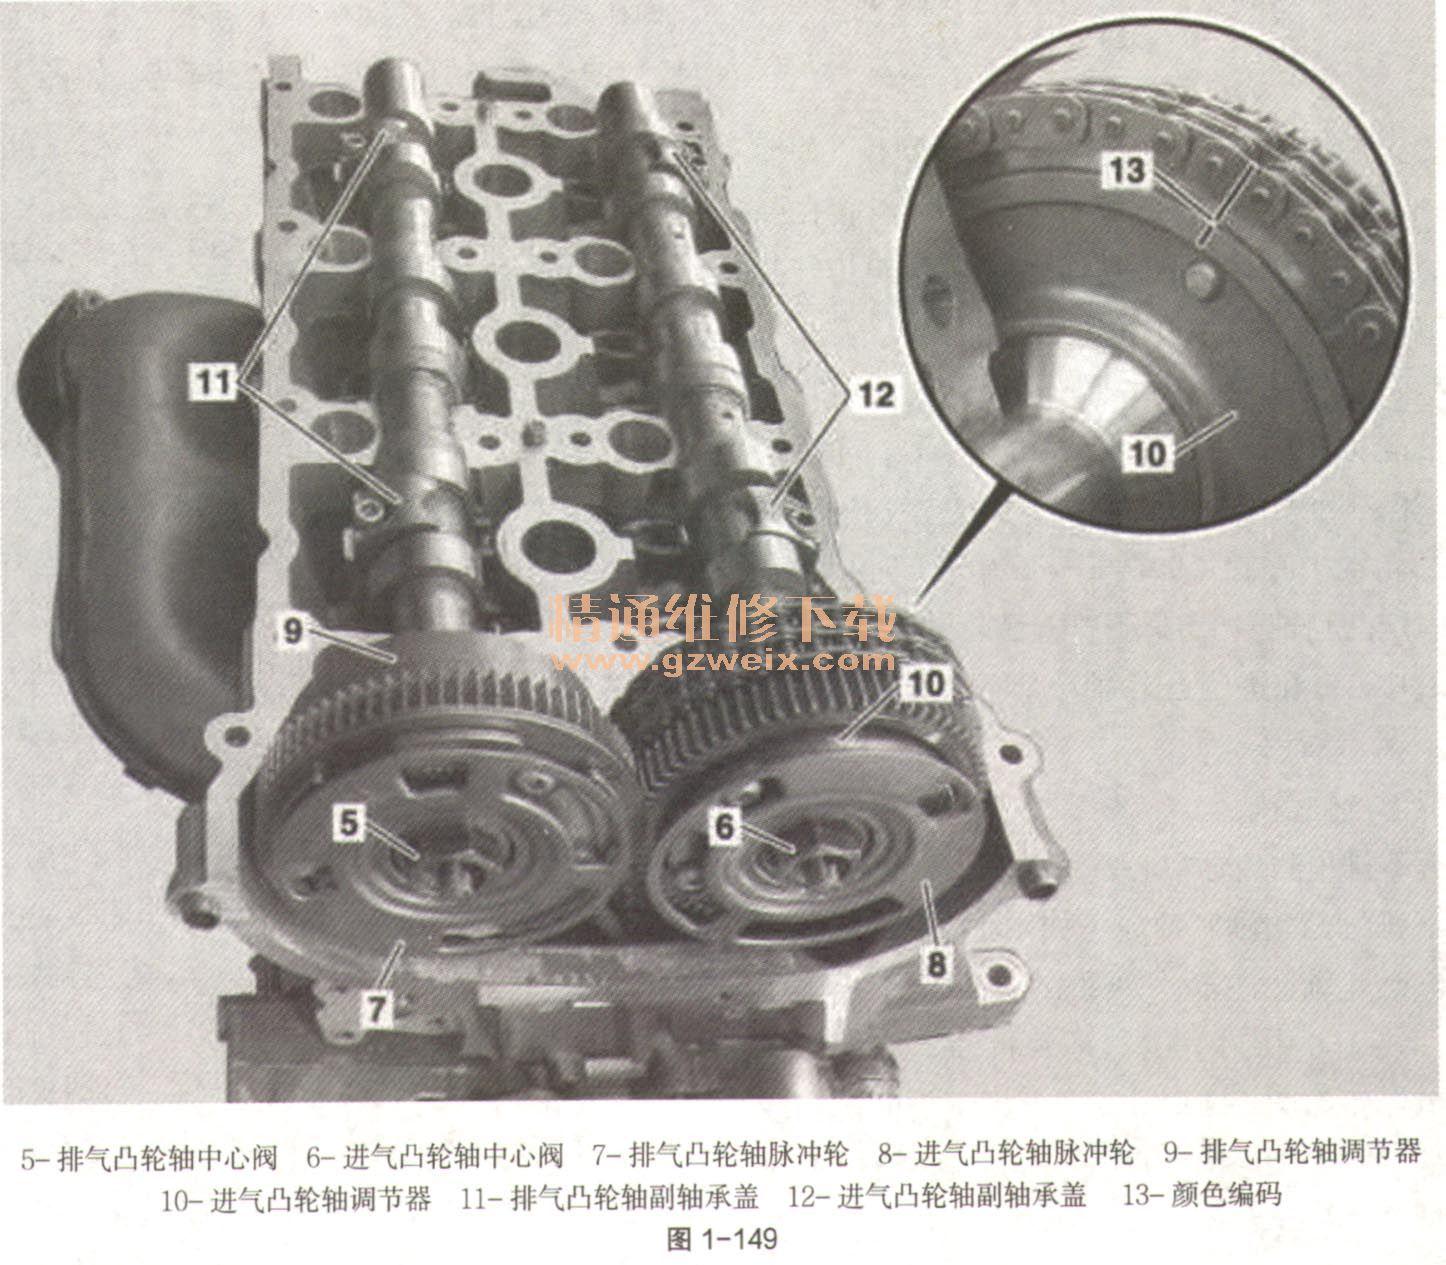 2009~2013年奔驰r350l 4matic(w251)(3.5l m272)发动机正时校对方法